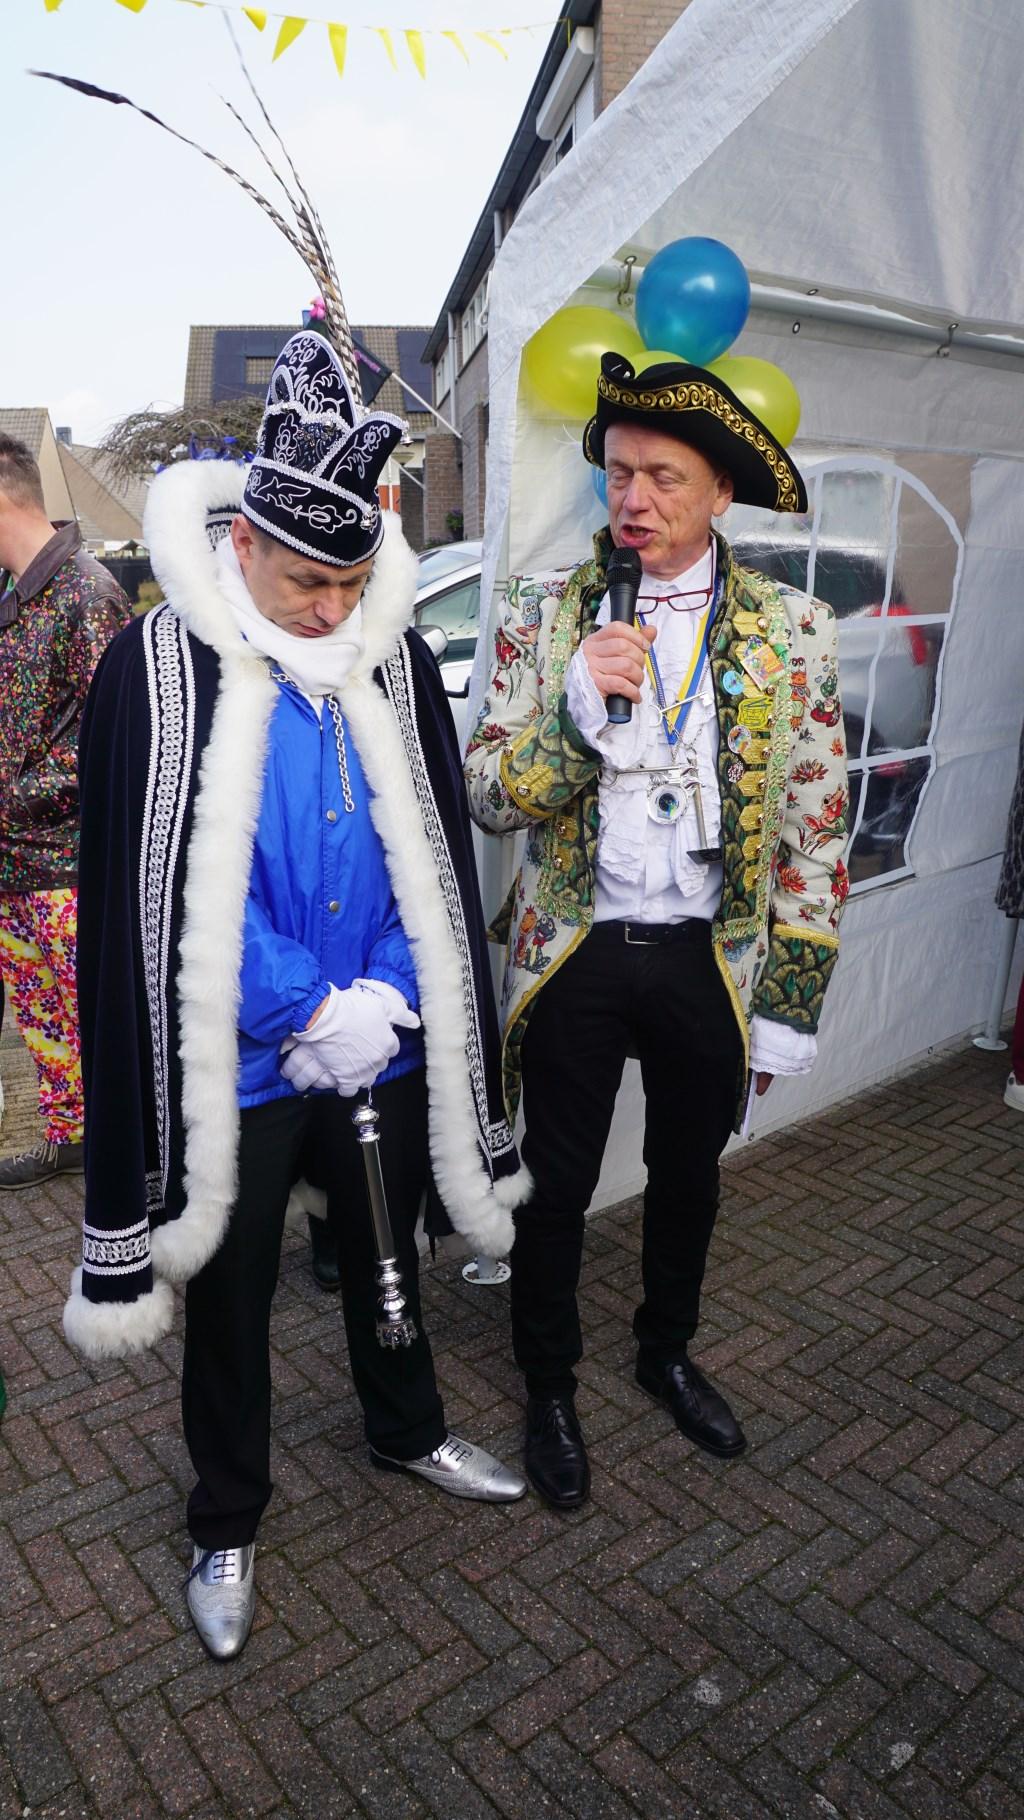 Hoogheden op bezoek bij Jeugdprins Giel Den Urste  Foto: E.D. Evenementenbegeleiding / Prikbord Esch © MooiBoxtel